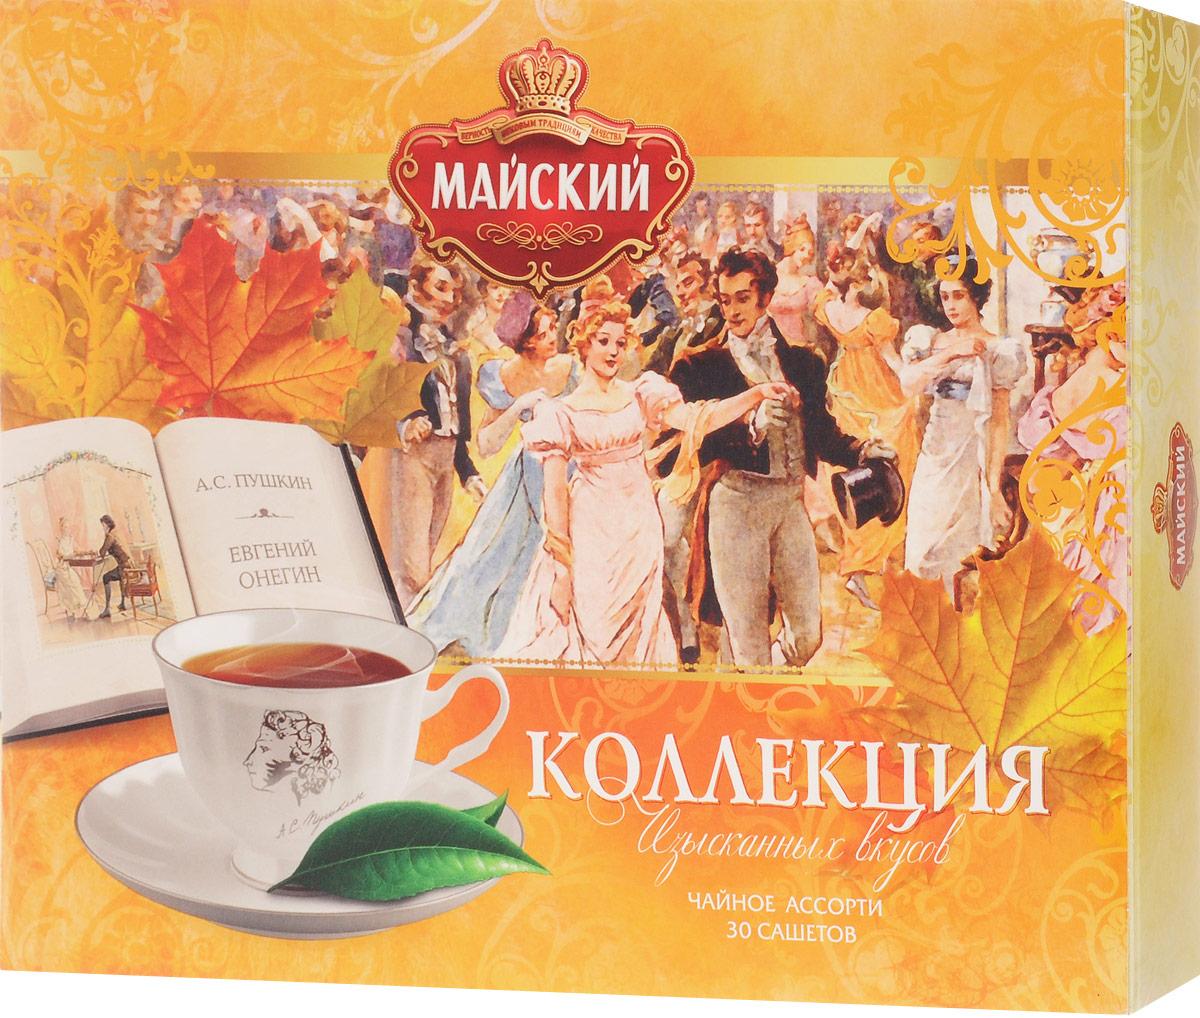 Майский Коллекция изысканных вкусов чай черный в пакетиках, 30 шт114607Уникальная коллекция вкусов чая Майский в изысканном подарочном формате упаковки. В набор входят: Благородный Цейлон: Совершенство классики. Исключительный обволакивающий нежный вкус Высокогорного Цейлонского чая с выраженным цветочным ароматом в Майский Благородный Цейлон. Ароматный бергамот: Безупречное сочетание насыщенного черного чая и свежих цитрусовых ноток. Откройте для себя пленительные оттенки любимого аромата в каждой чашке Майский Ароматный Бергамот. Душистый чабрец: Абсолютная гармония черного чая и летнего пряного аромата чабреца. Майский Душистый Чабрец! Смородина с мятой: Волнующее сочетание вкуса черного чая, сочной спелой смородины м натуральной мяты. Окунитесь в атмосферу цветущего сада с новым Майский Смородина с Мятой. Пряный Восток: Насыщенный вкус черного чая с пряными нотками кардамона и согревающим ароматом корицы. Истинные ценители отметят...